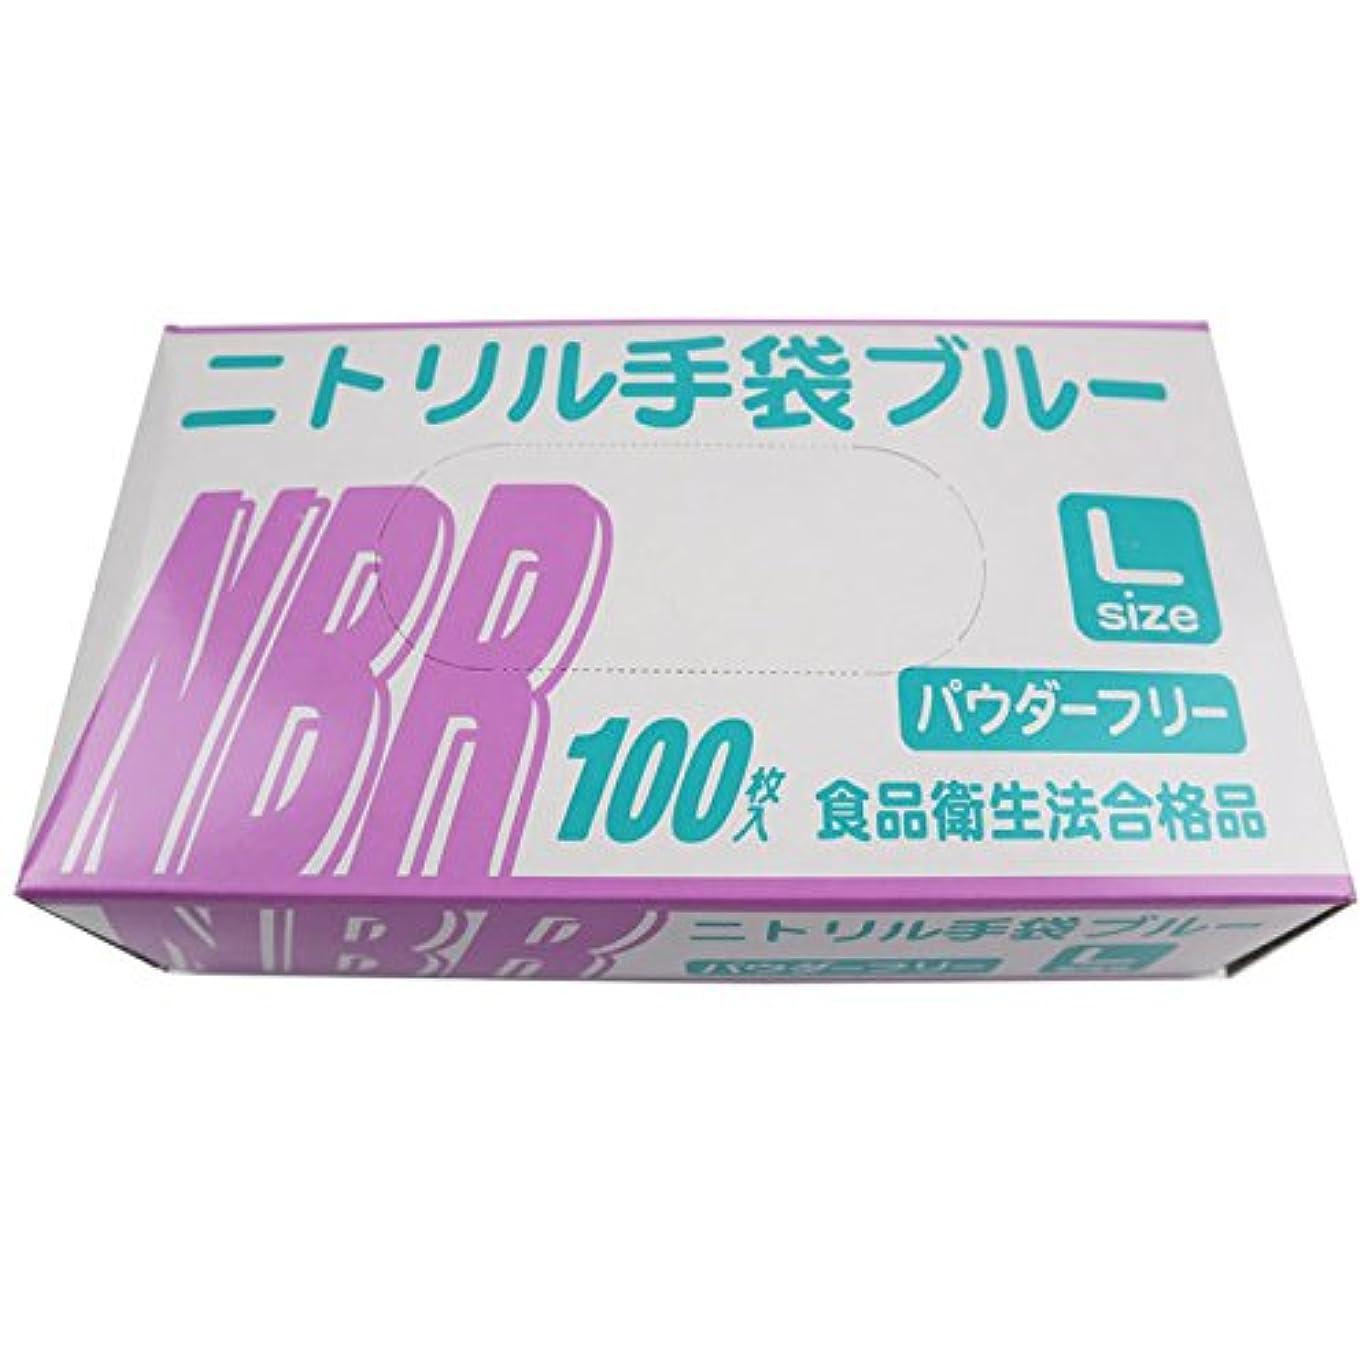 金貸しマトン早める使い捨て手袋 ニトリル グローブ ブルー 食品衛生法合格品 粉なし 100枚入×20個セット Lサイズ